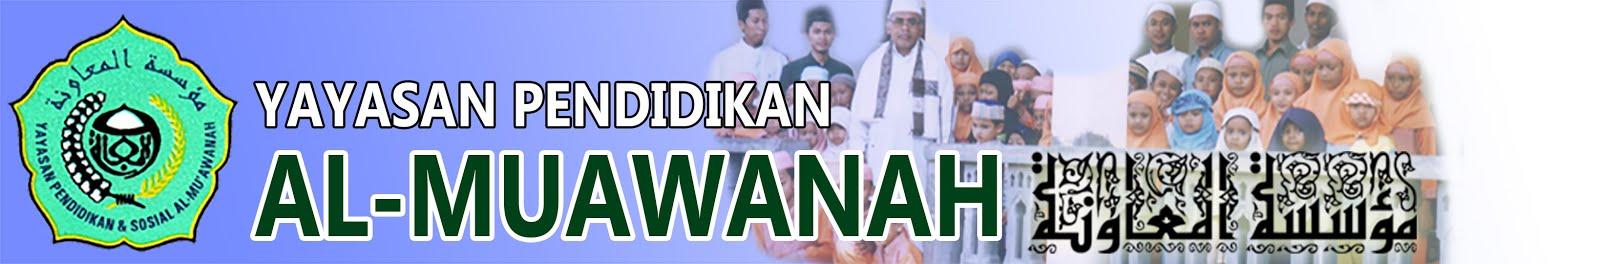 Situs Resmi YPS. Al-Muawanah